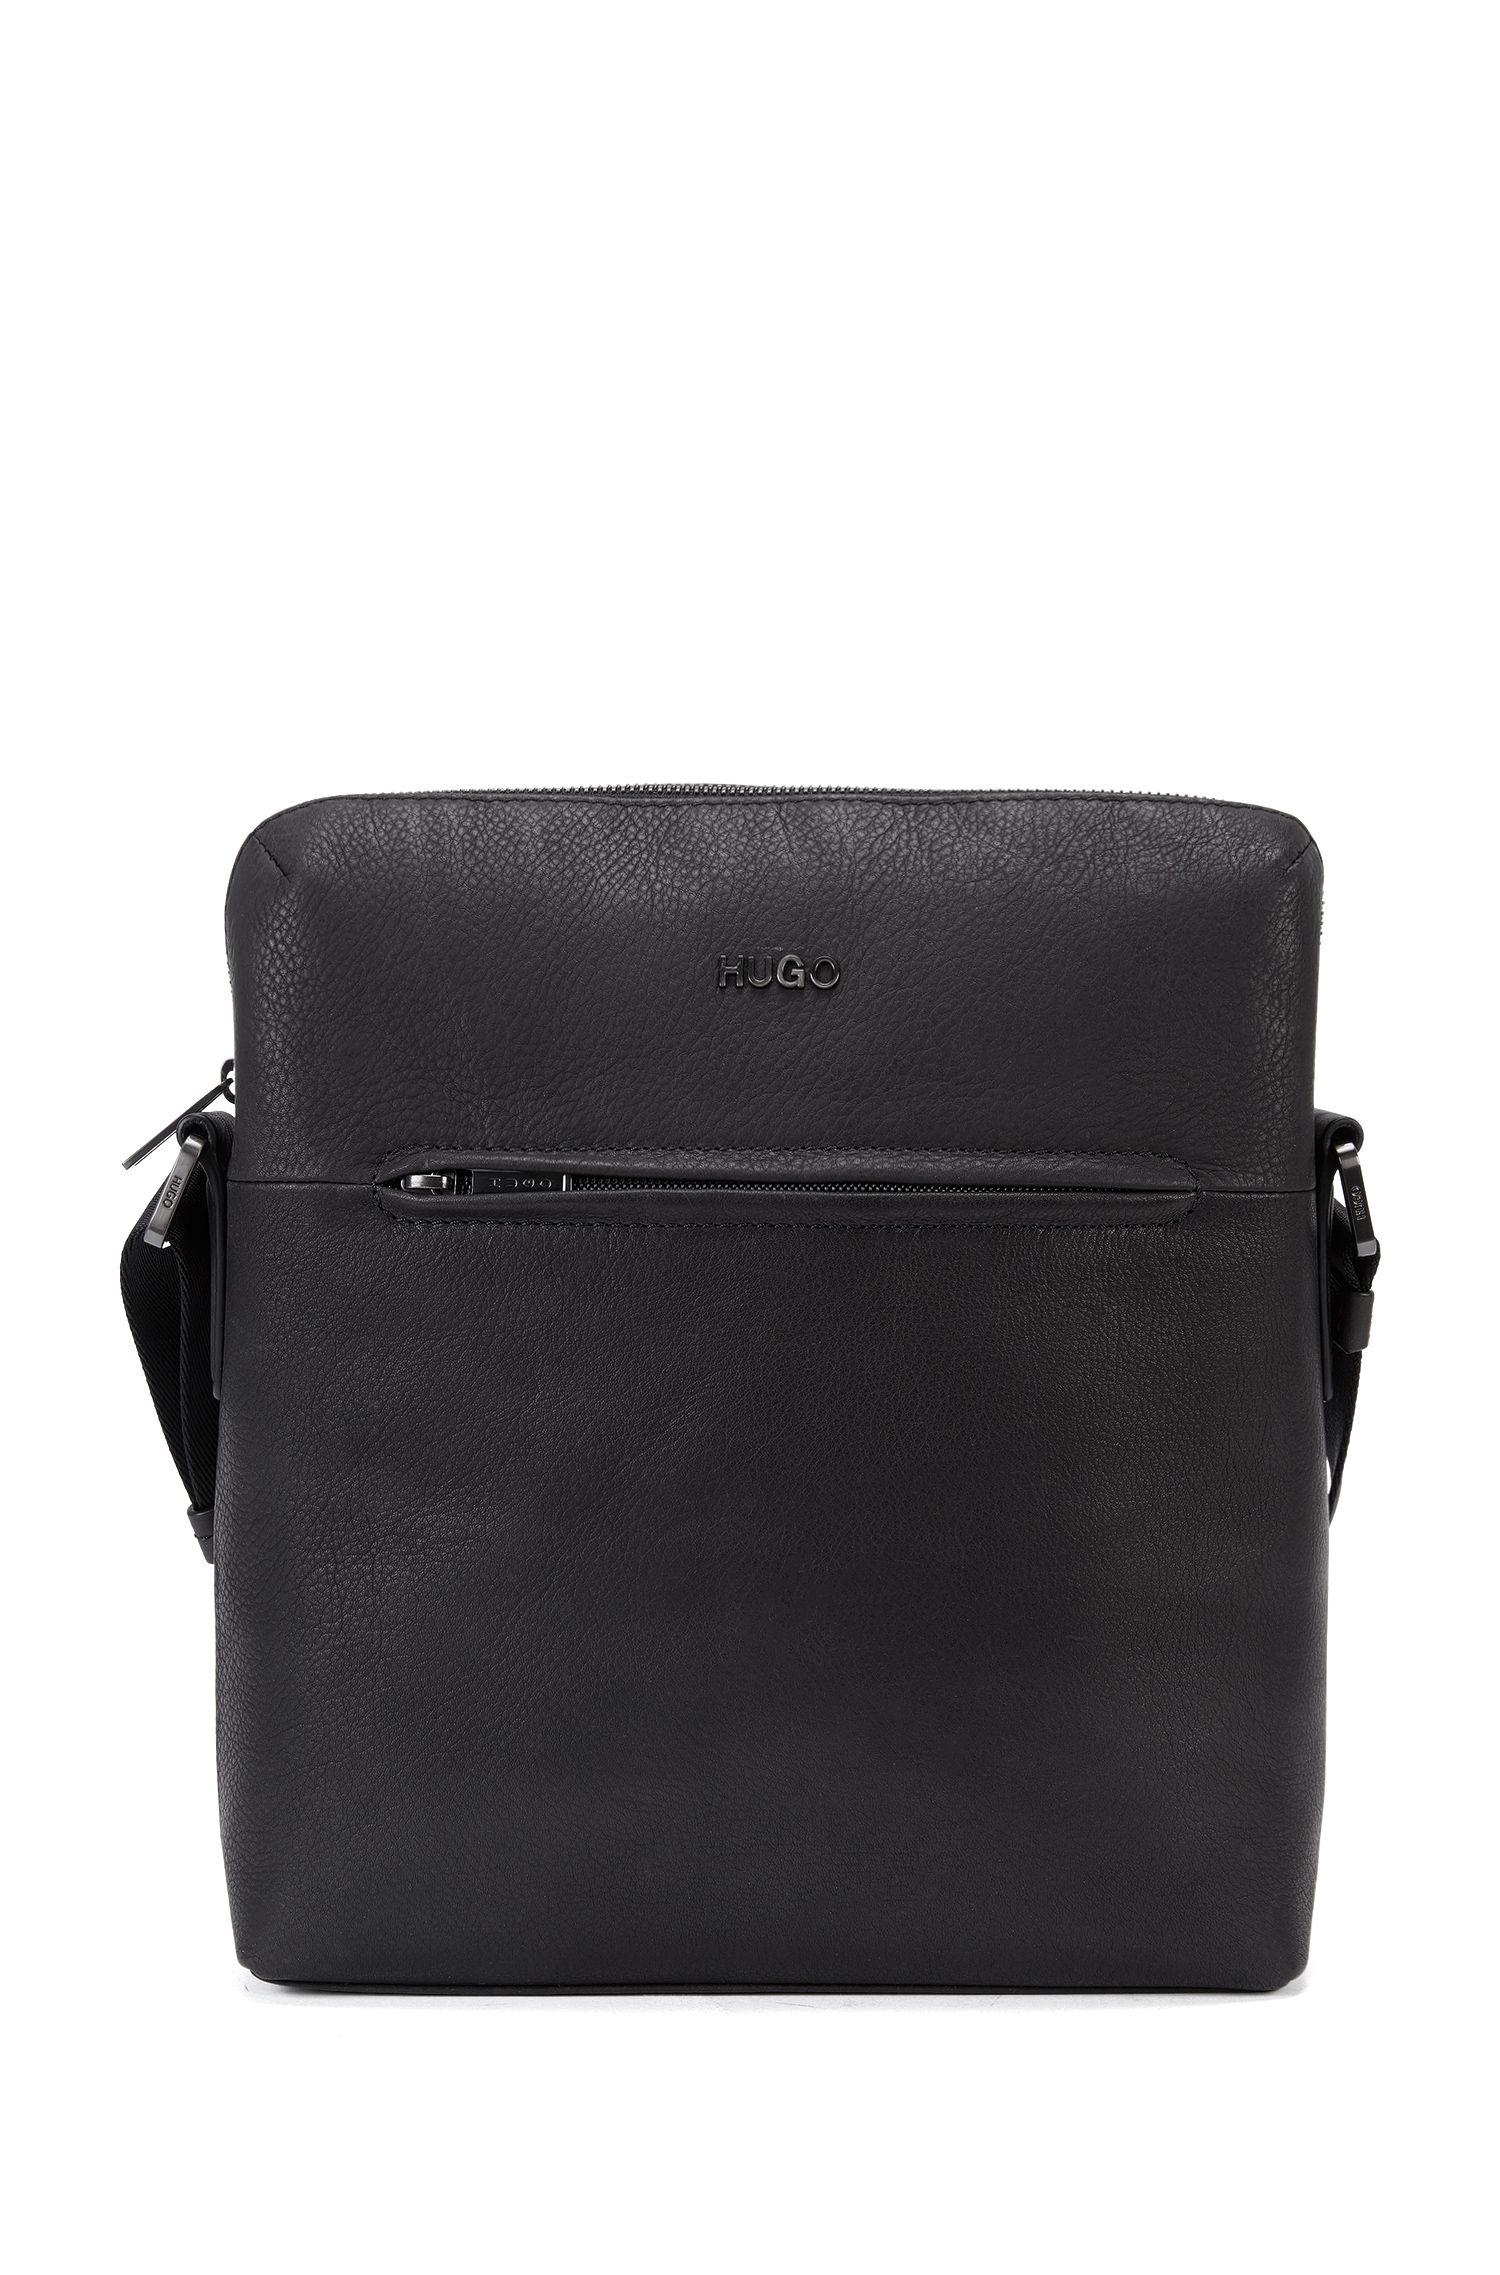 Umhängetasche aus Leder mit Reißverschlusstasche